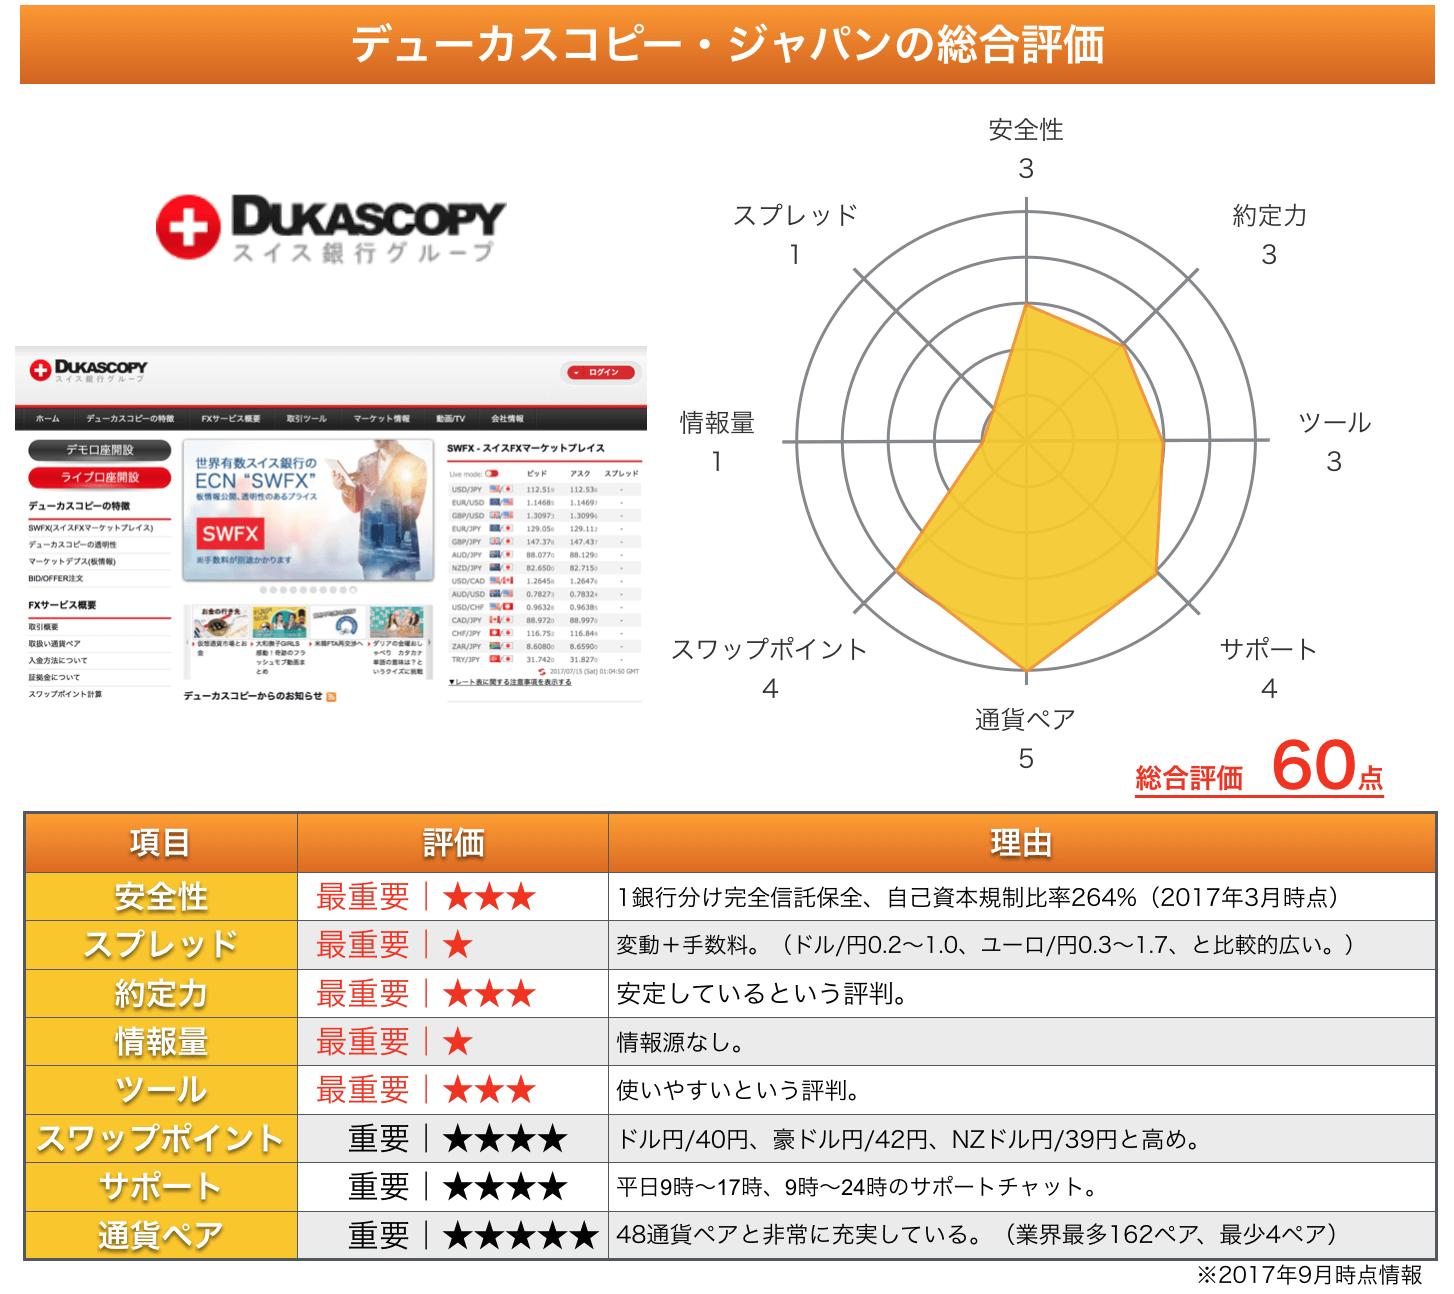 デューカスコピー・ジャパンの総評